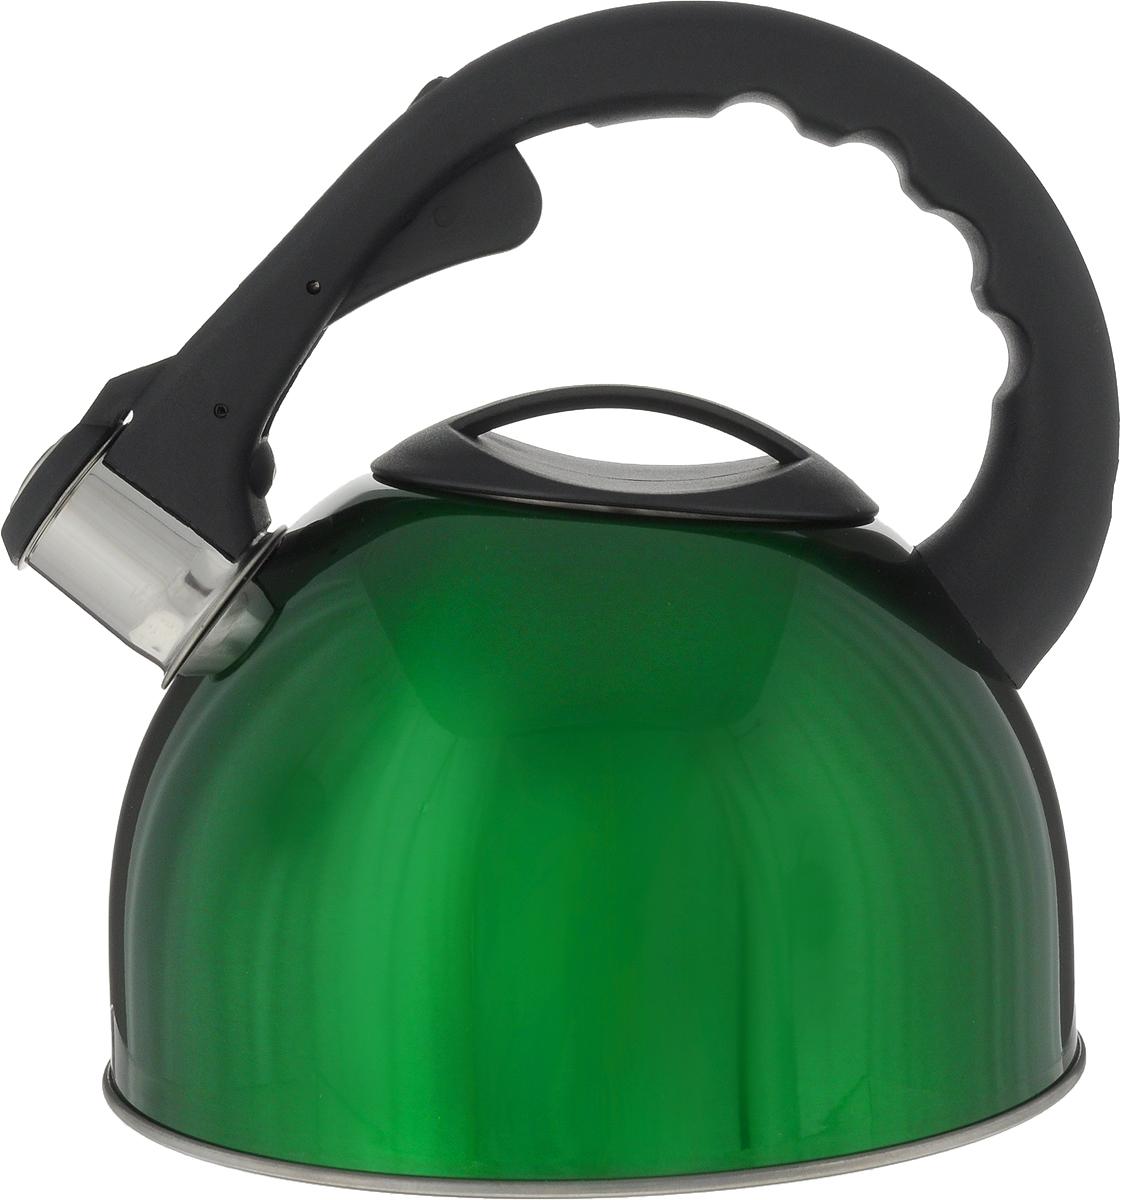 Чайник Teco, со свистком, цвет: зеленый, 3 л. TC-103TC-103_зеленыйЧайник Teco выполнен из высококачественной нержавеющей стали, что делает его весьма гигиеничным и устойчивым к износу при длительномиспользовании. Носик чайника оснащен насадкой-свистком, что позволит вам контролировать процесс подогрева или кипячения воды. Фиксированная ручка, изготовленная из пластика, делает использование чайника очень удобным и безопасным. Поверхность чайника гладкая, что облегчает уход за ним.Эстетичный и функциональный чайник будет оригинально смотреться в любом интерьере.Подходит для всех типов плит, включая индукционные. Можно мыть в посудомоечной машине.